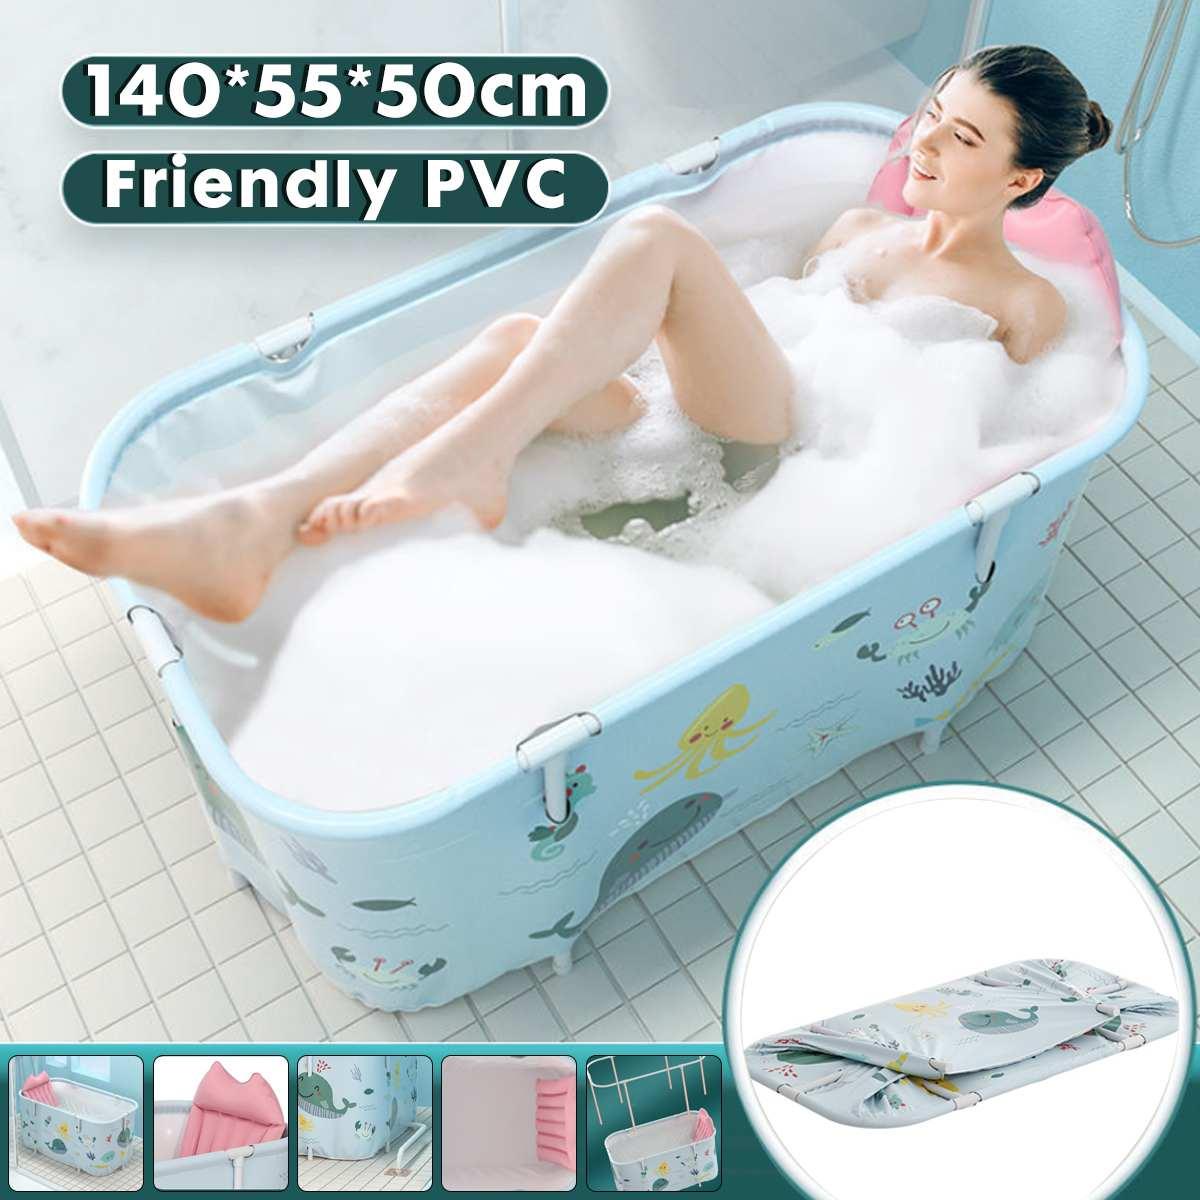 المحمولة للطي حوض الاستحمام الكبار الأطفال حمام سباحة كبير حوض استحمام بلاستيك دلو حمام العزل الاستحمام حوض الاستحمام 120/140 سنتيمتر